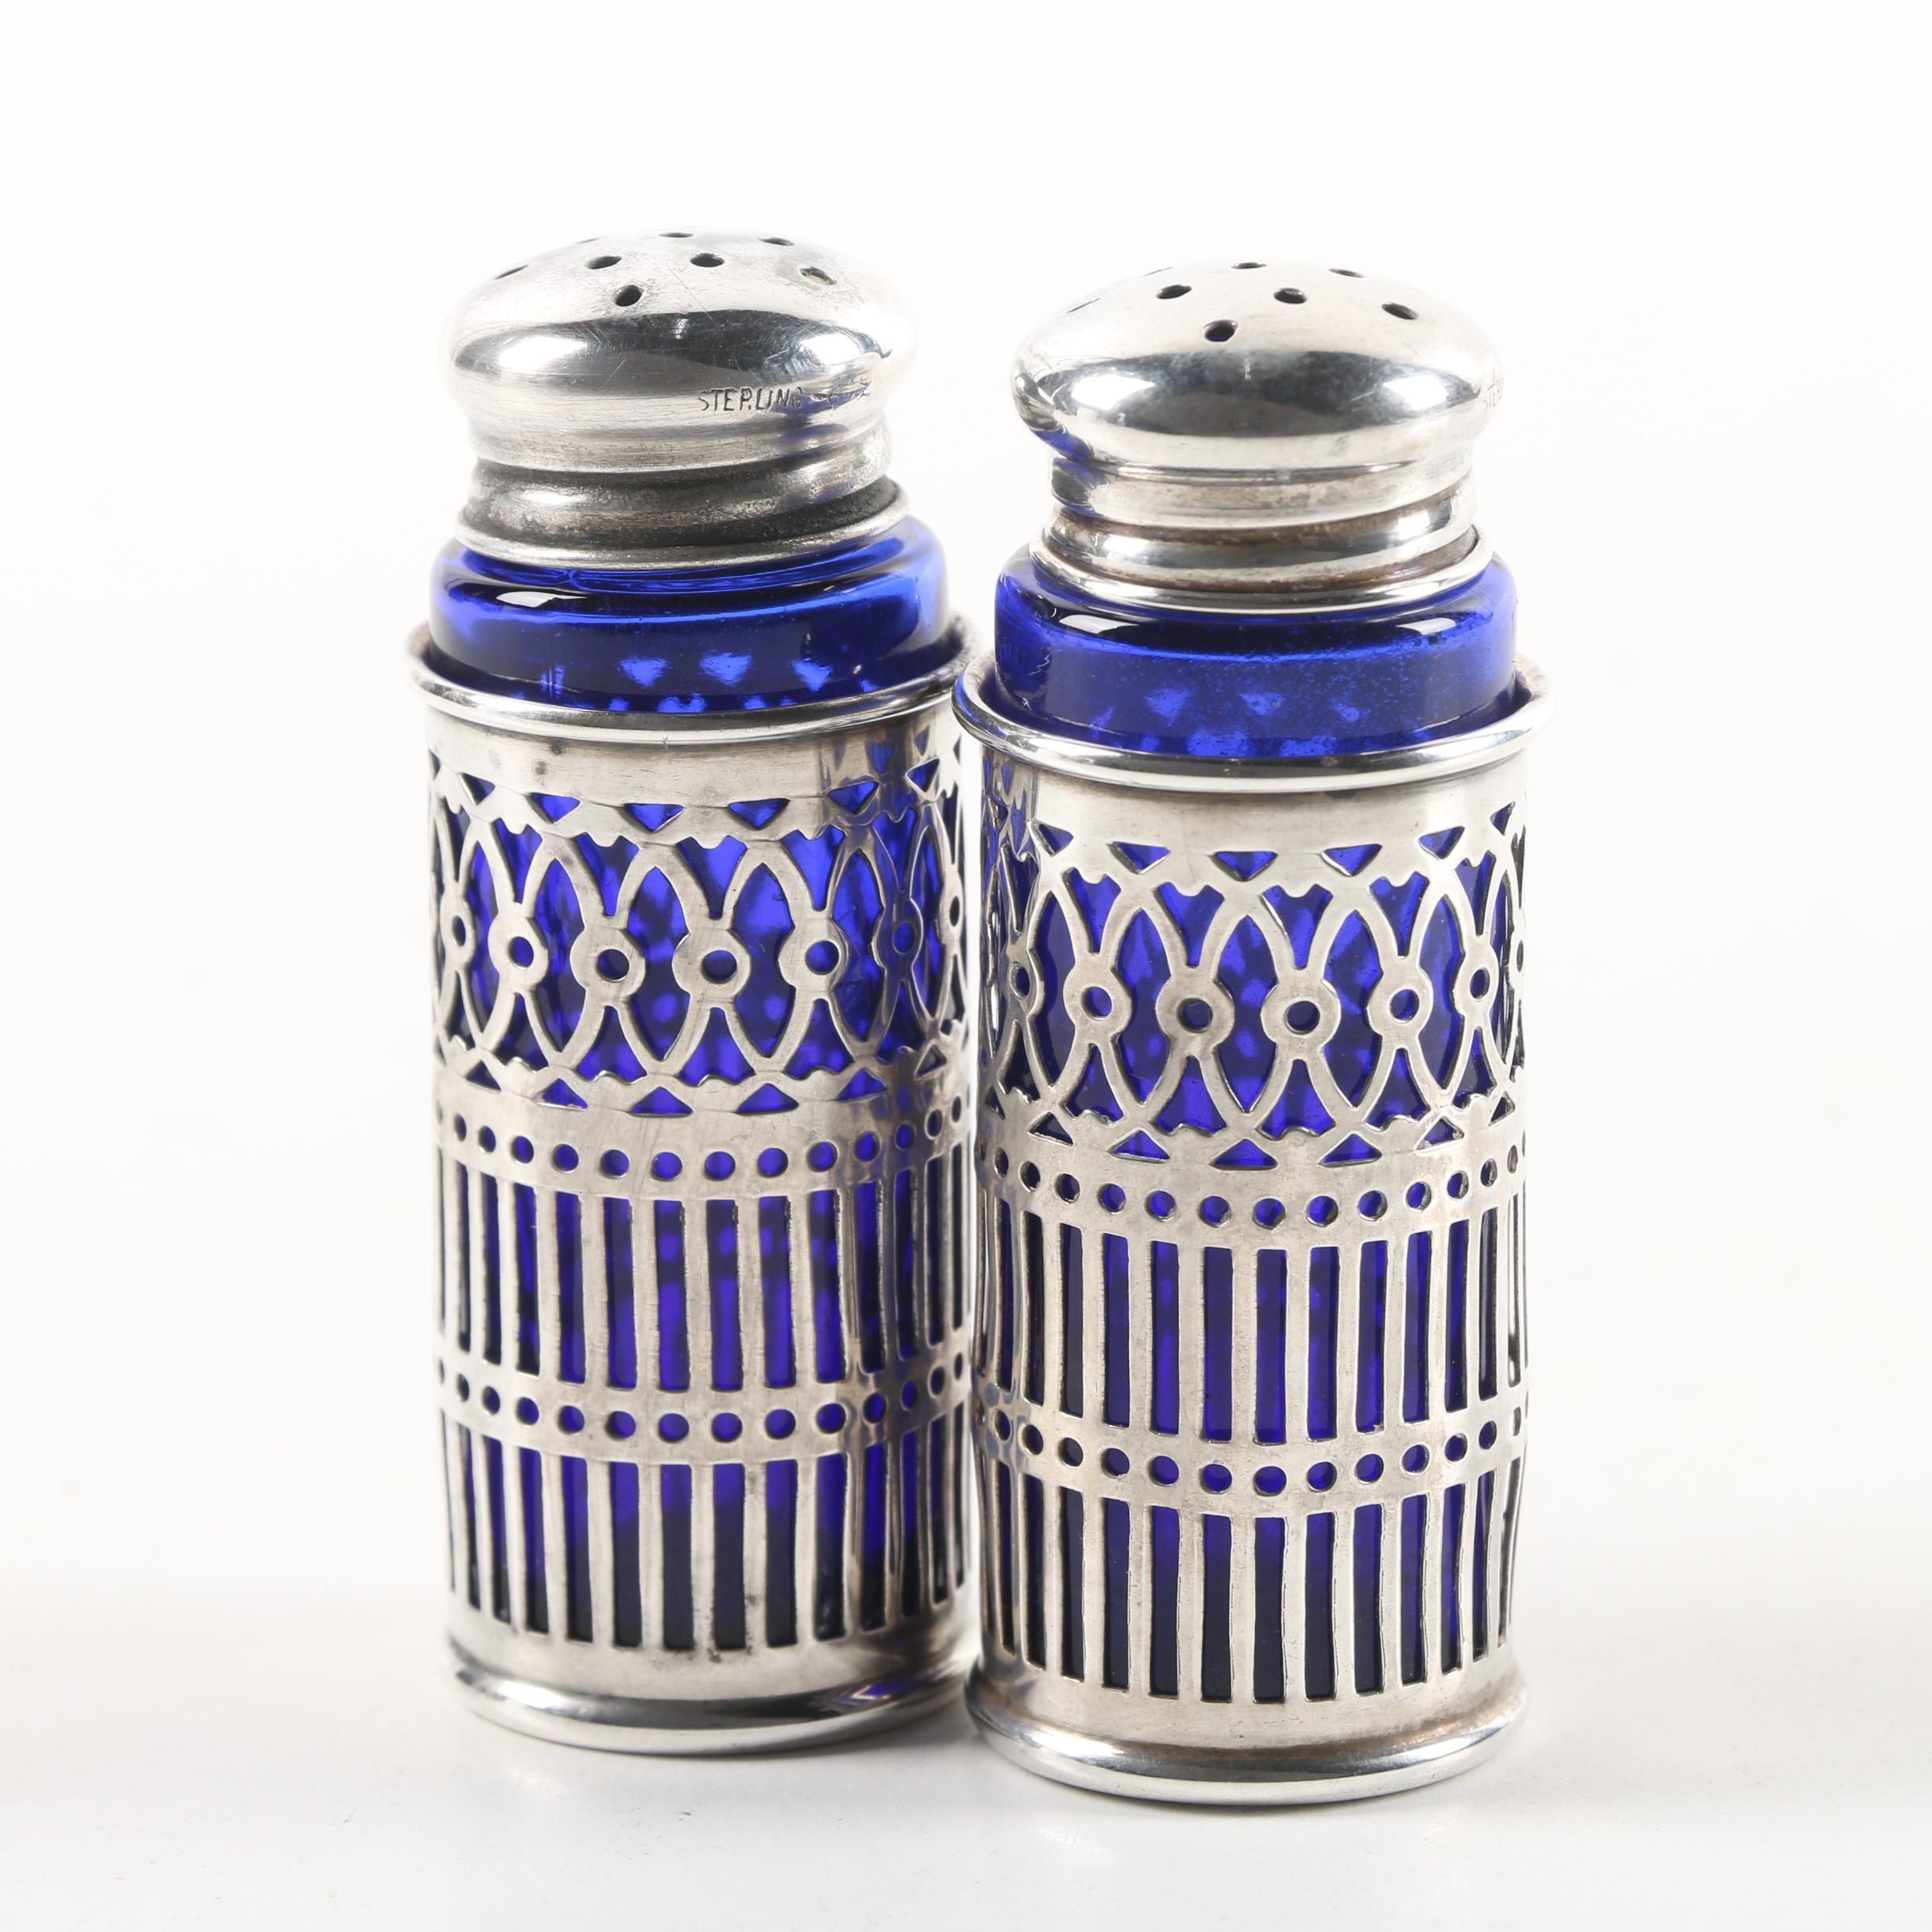 Webster Co. Sterling Silver and Cobalt Glass Salt and Pepper Shaker Set